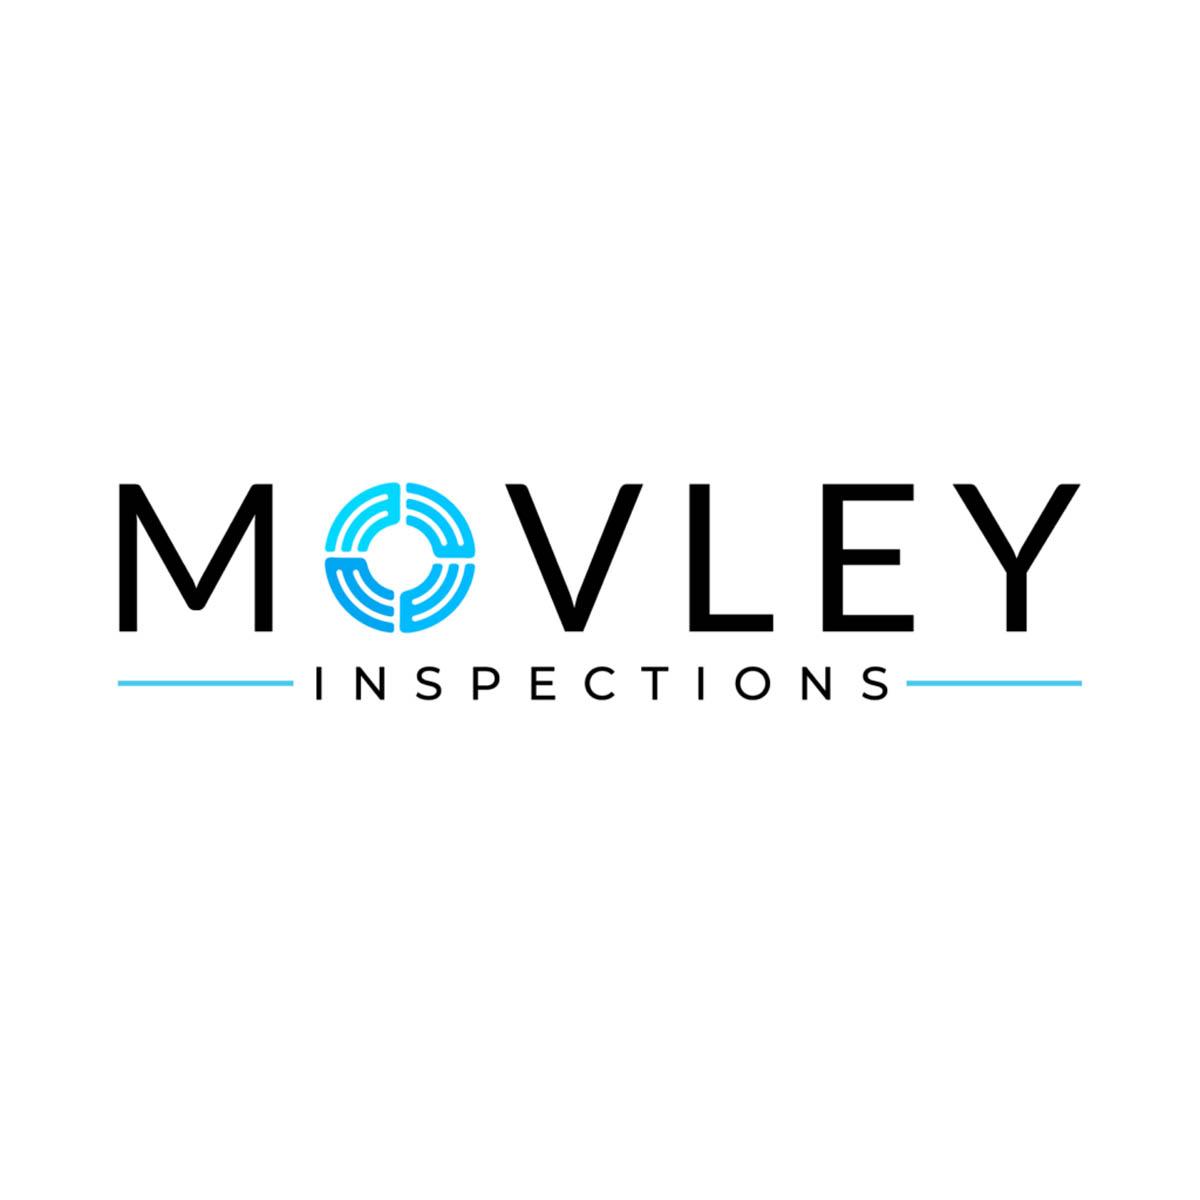 Movley